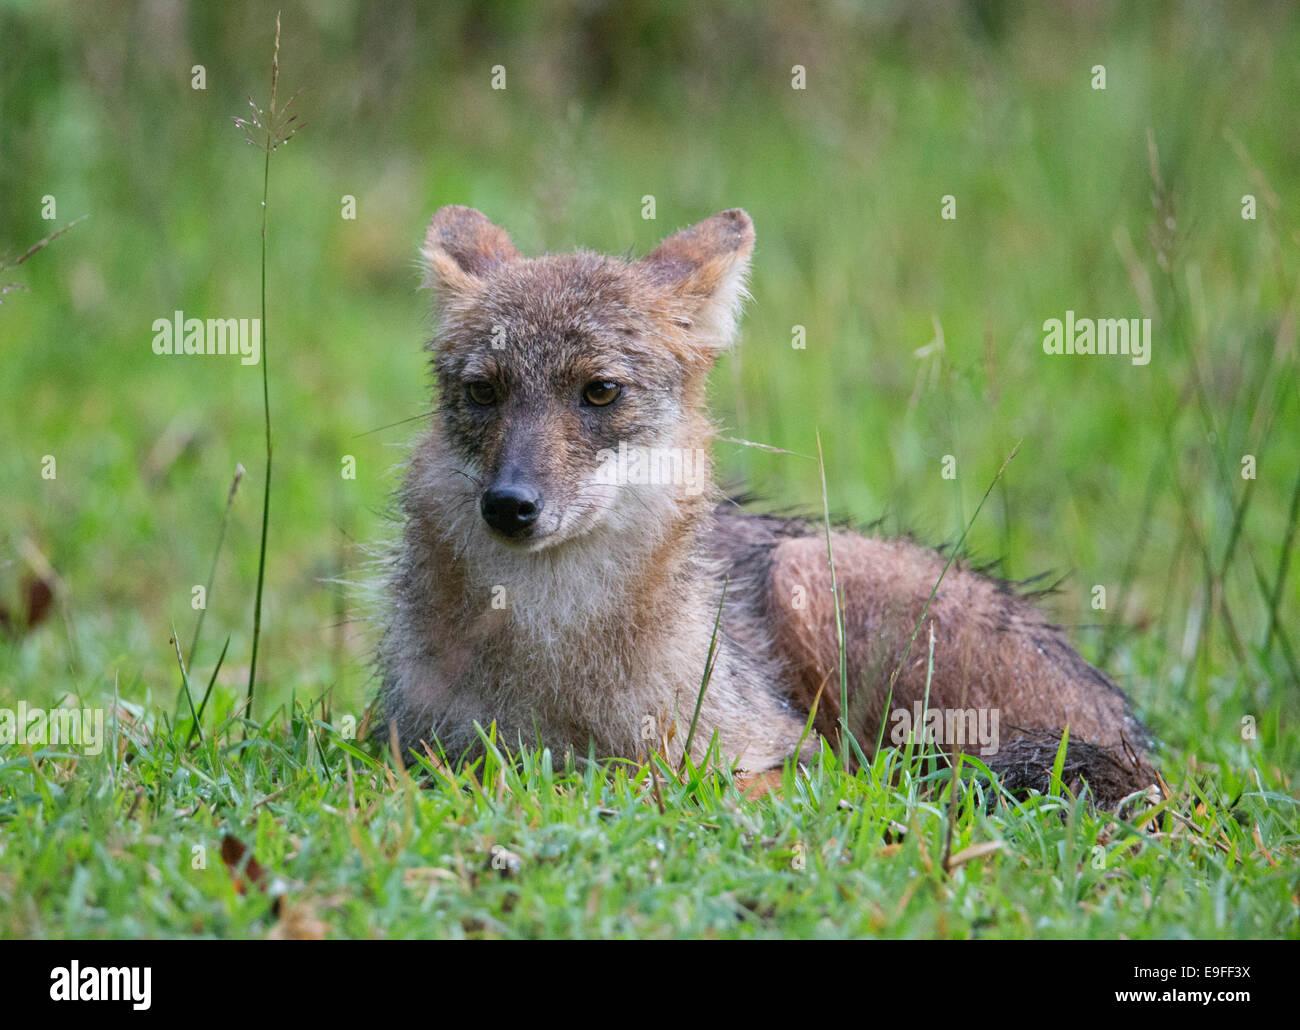 Siameses cruesemanni Chacal (Canis aureus), una subespecie de Golden Jackal, Huai Kha Khaeng Santuario de Vida Silvestre, Tailandia Foto de stock